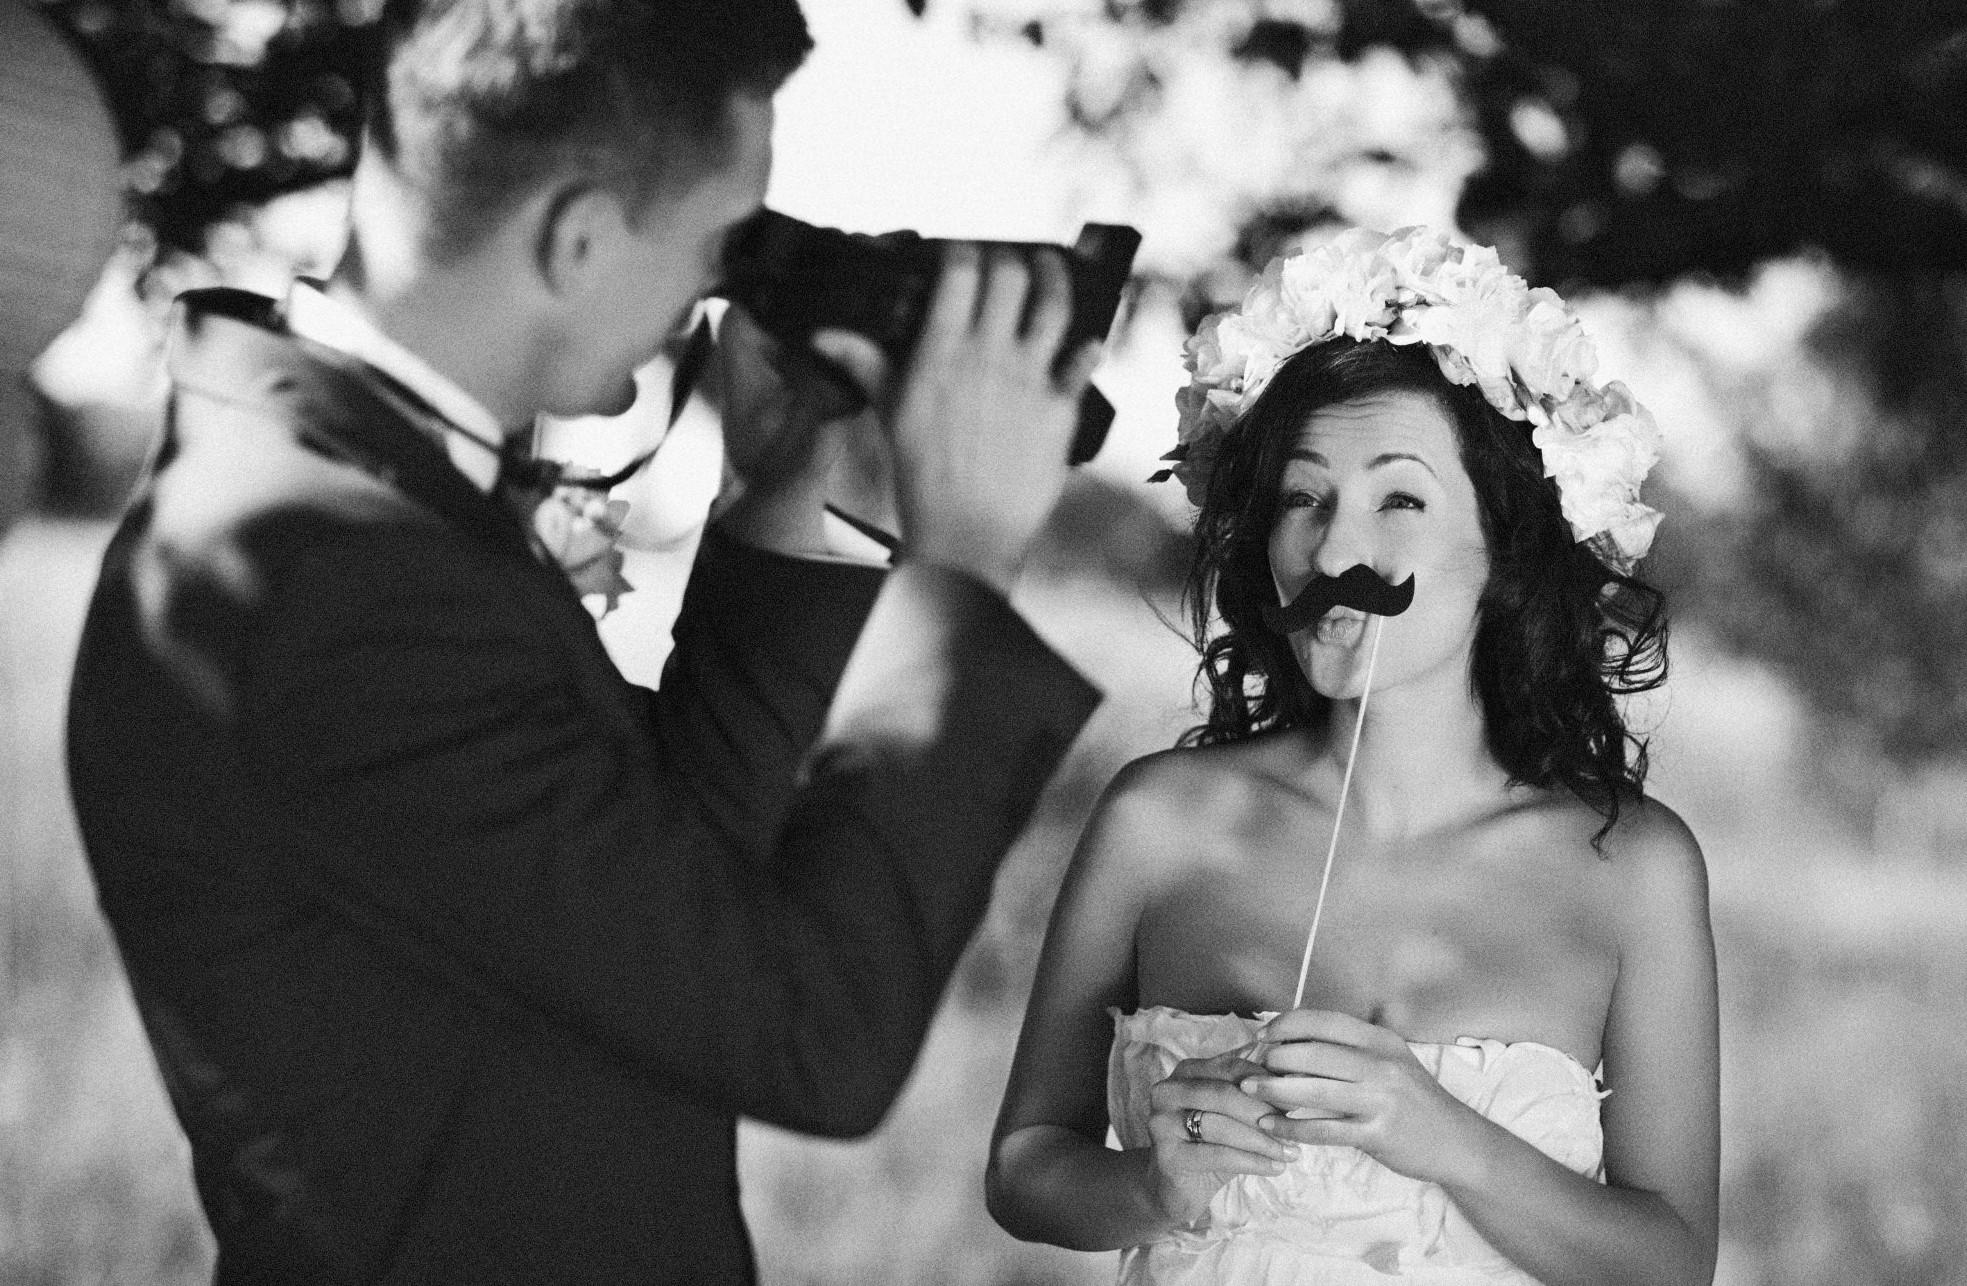 где найти клиентов фотографу свадьбы увидел эту